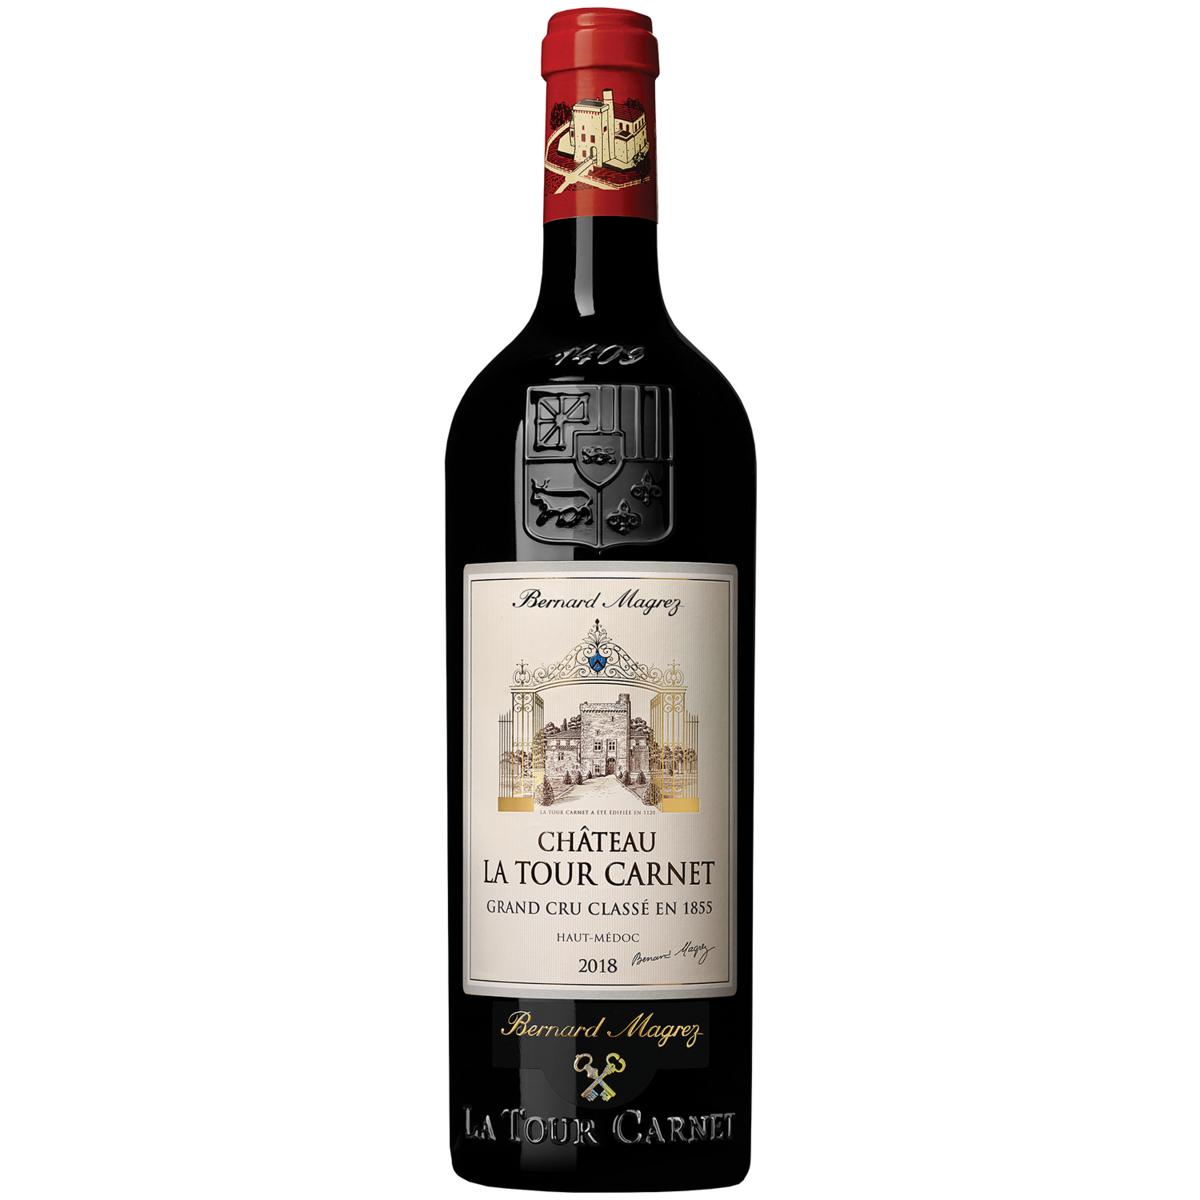 AOP Haut-Médoc Château La Tour Carnet grand cru classé rouge 2018